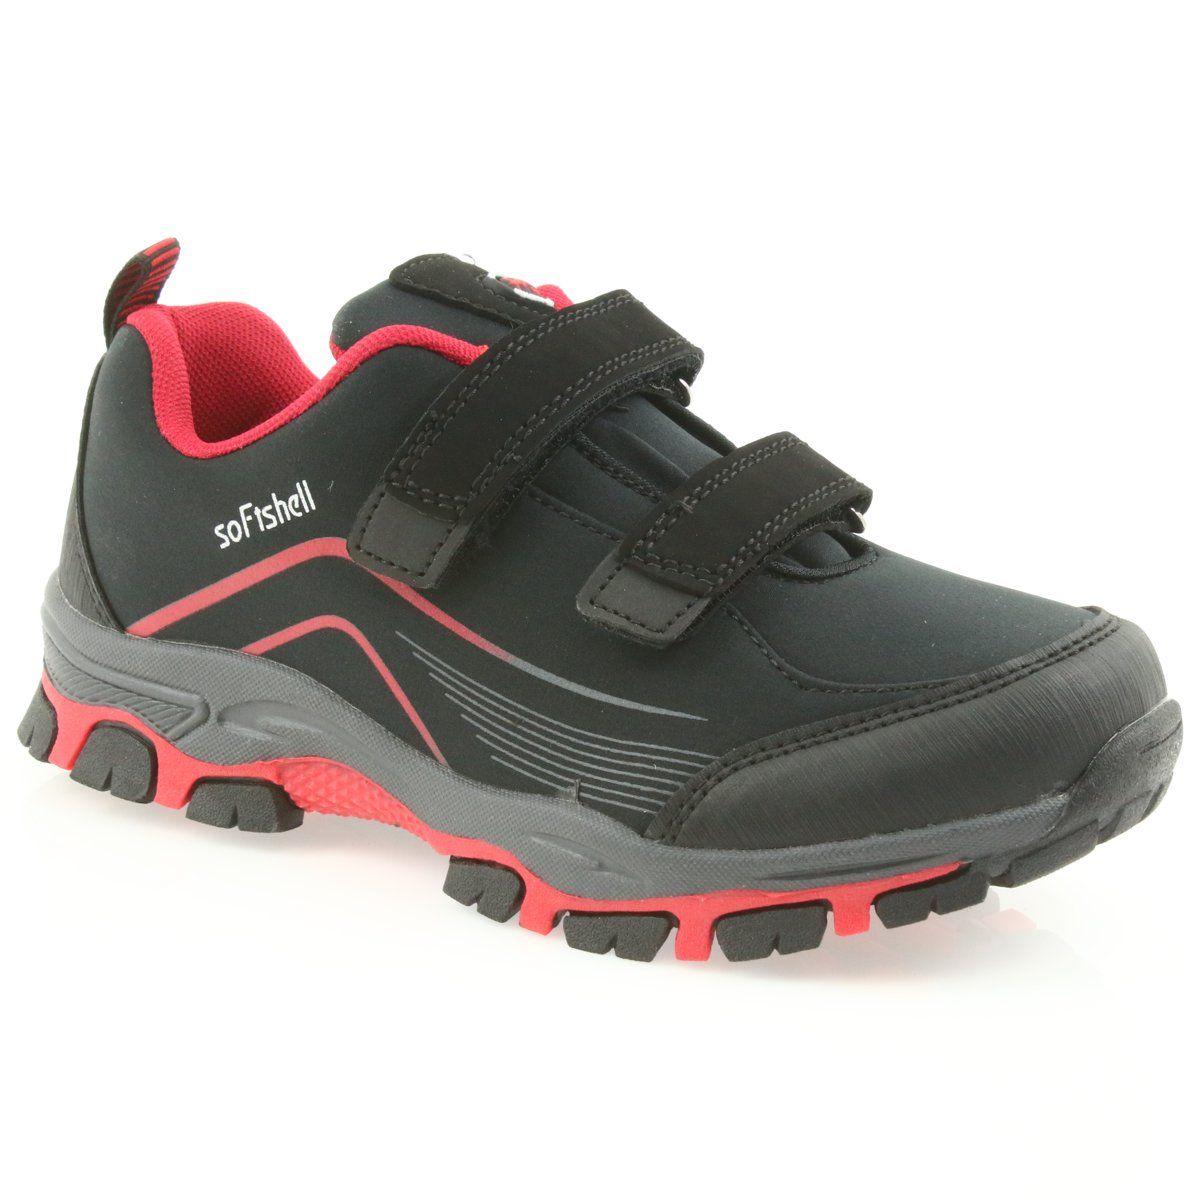 Adi Sportowe Buty Dzieciece Softshell American Club Wt09 19 Czarne Czerwone Kid Shoes Shoes Softshell